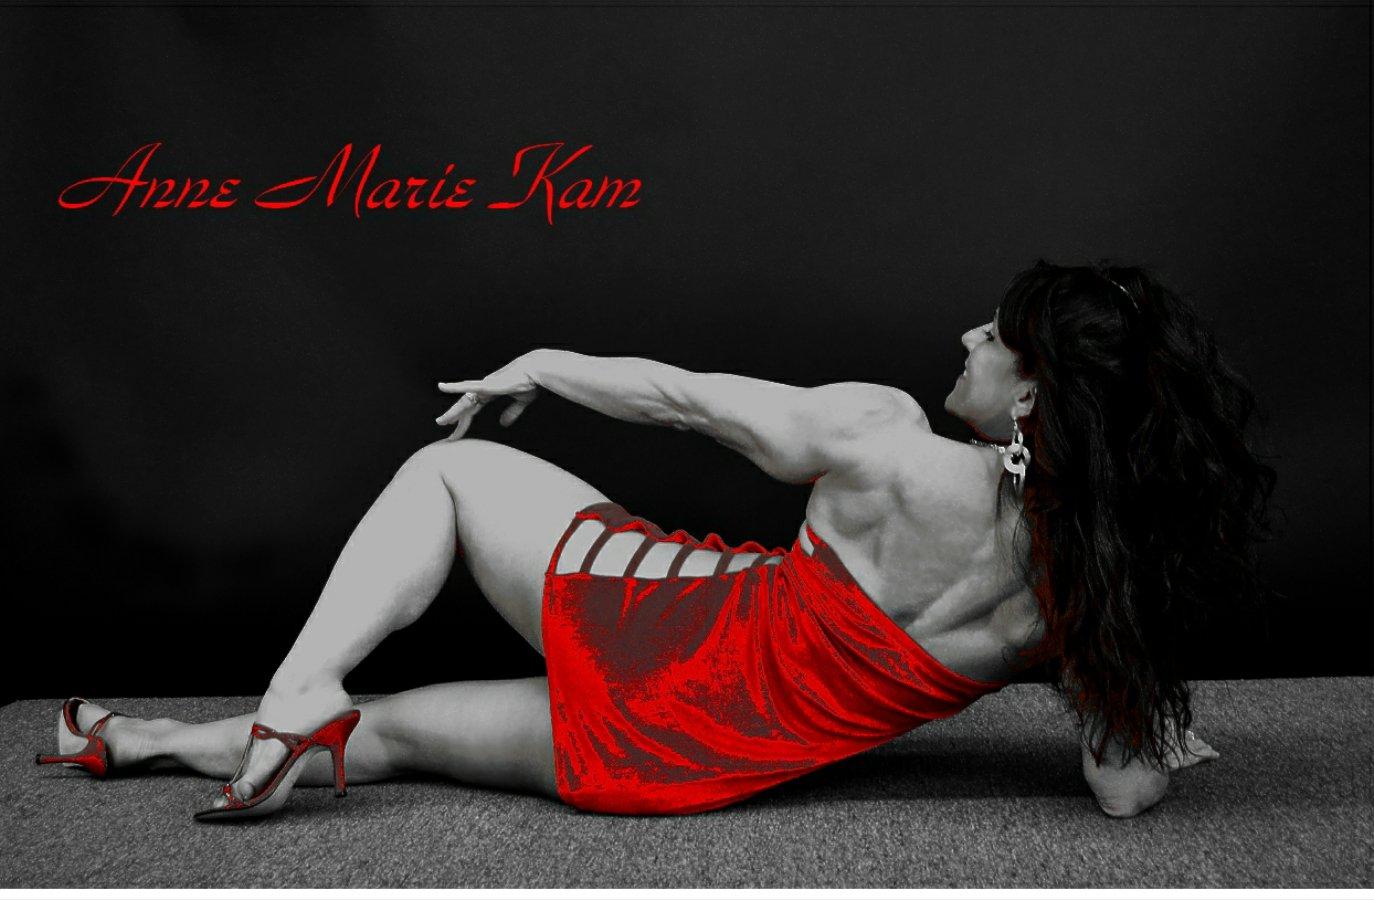 AMK reddress.jpg